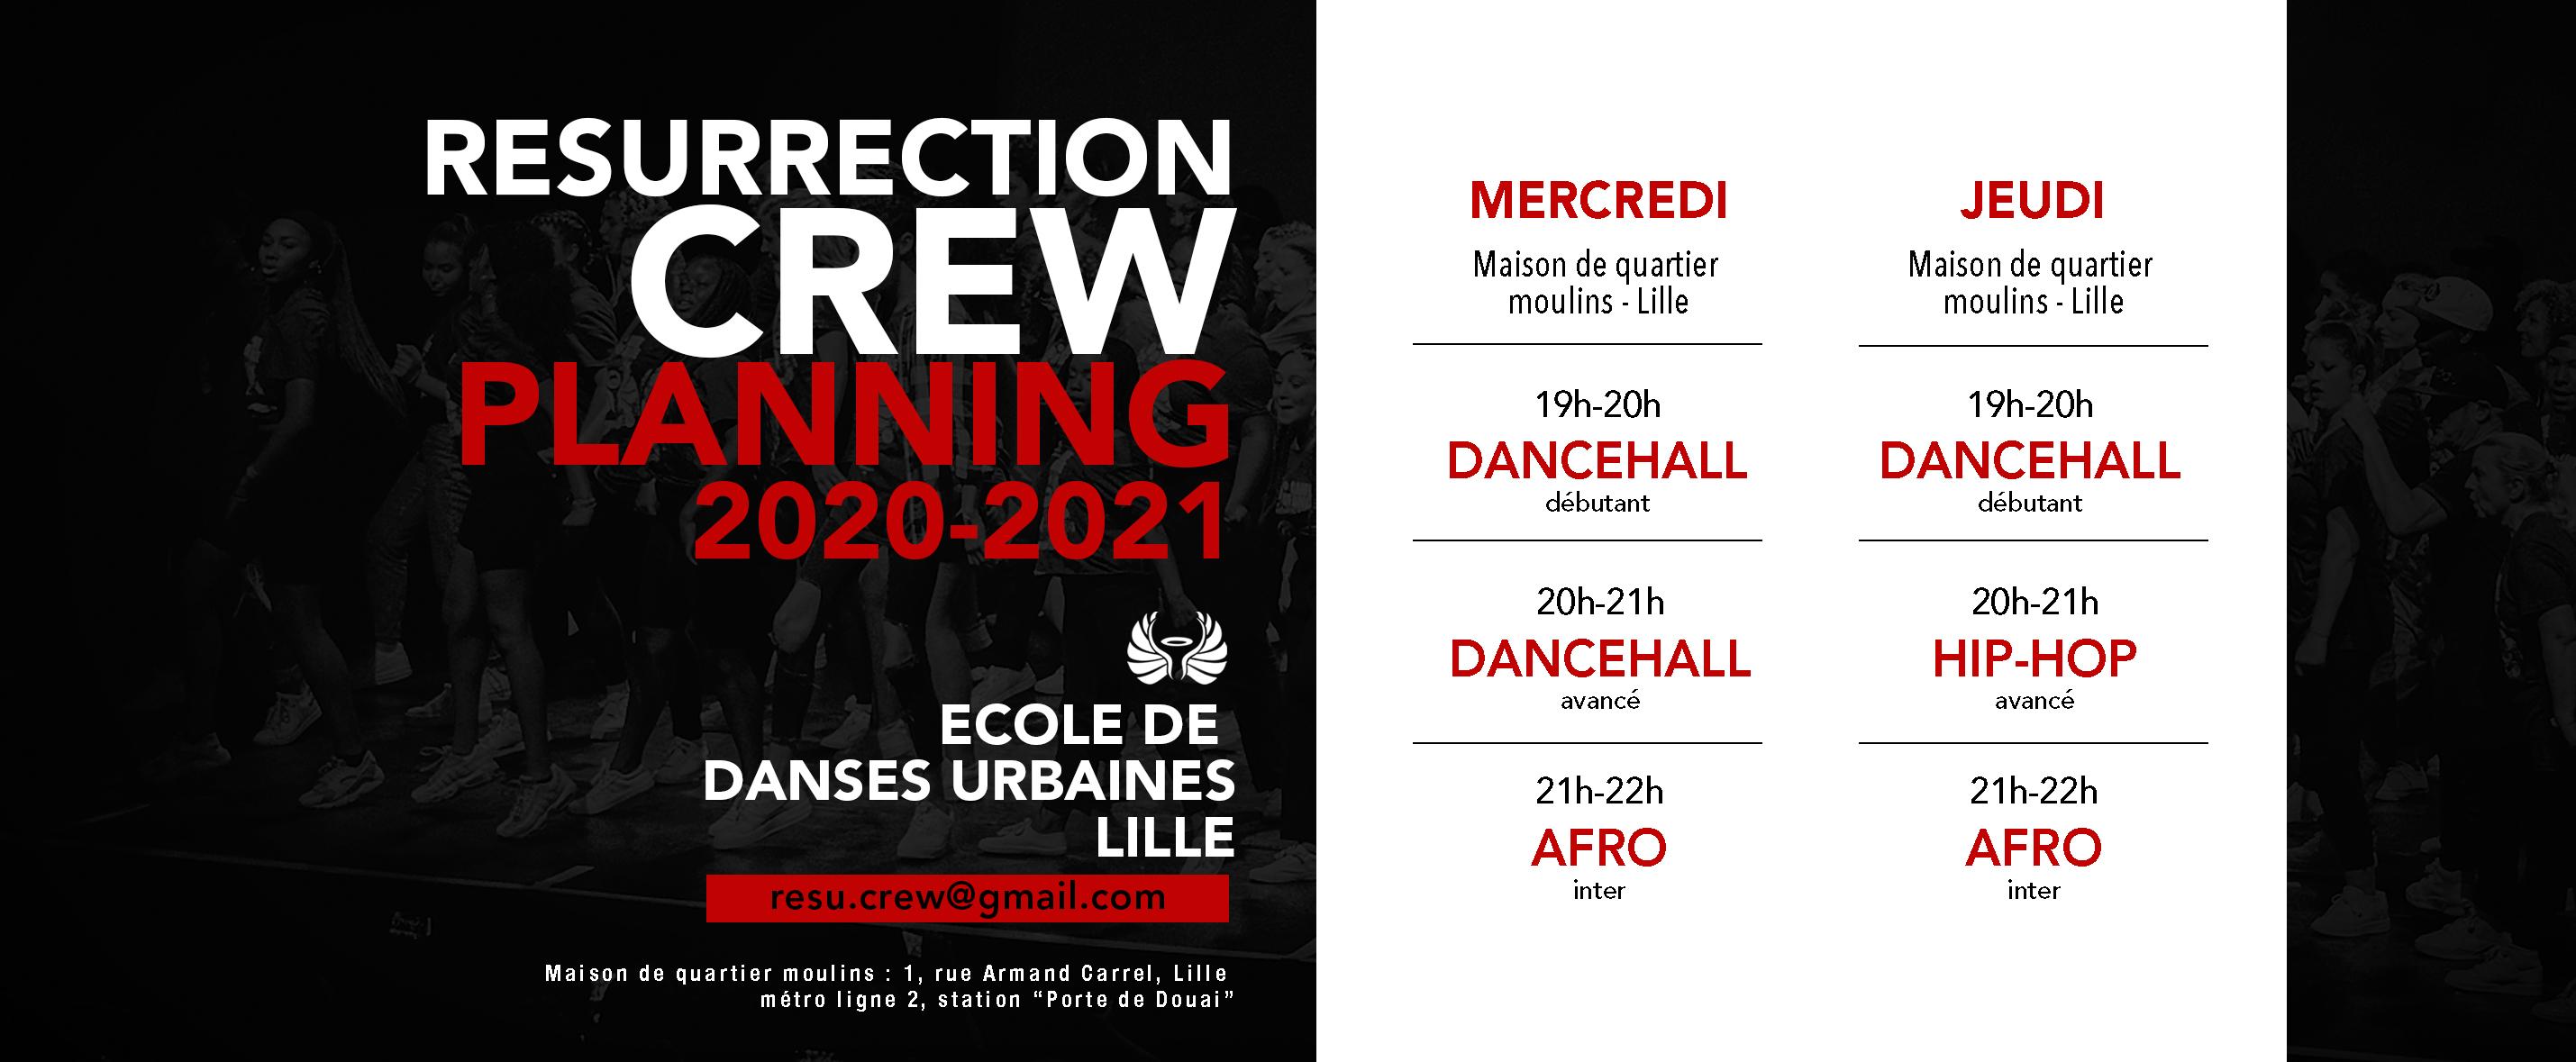 planning2020-2021_DEF